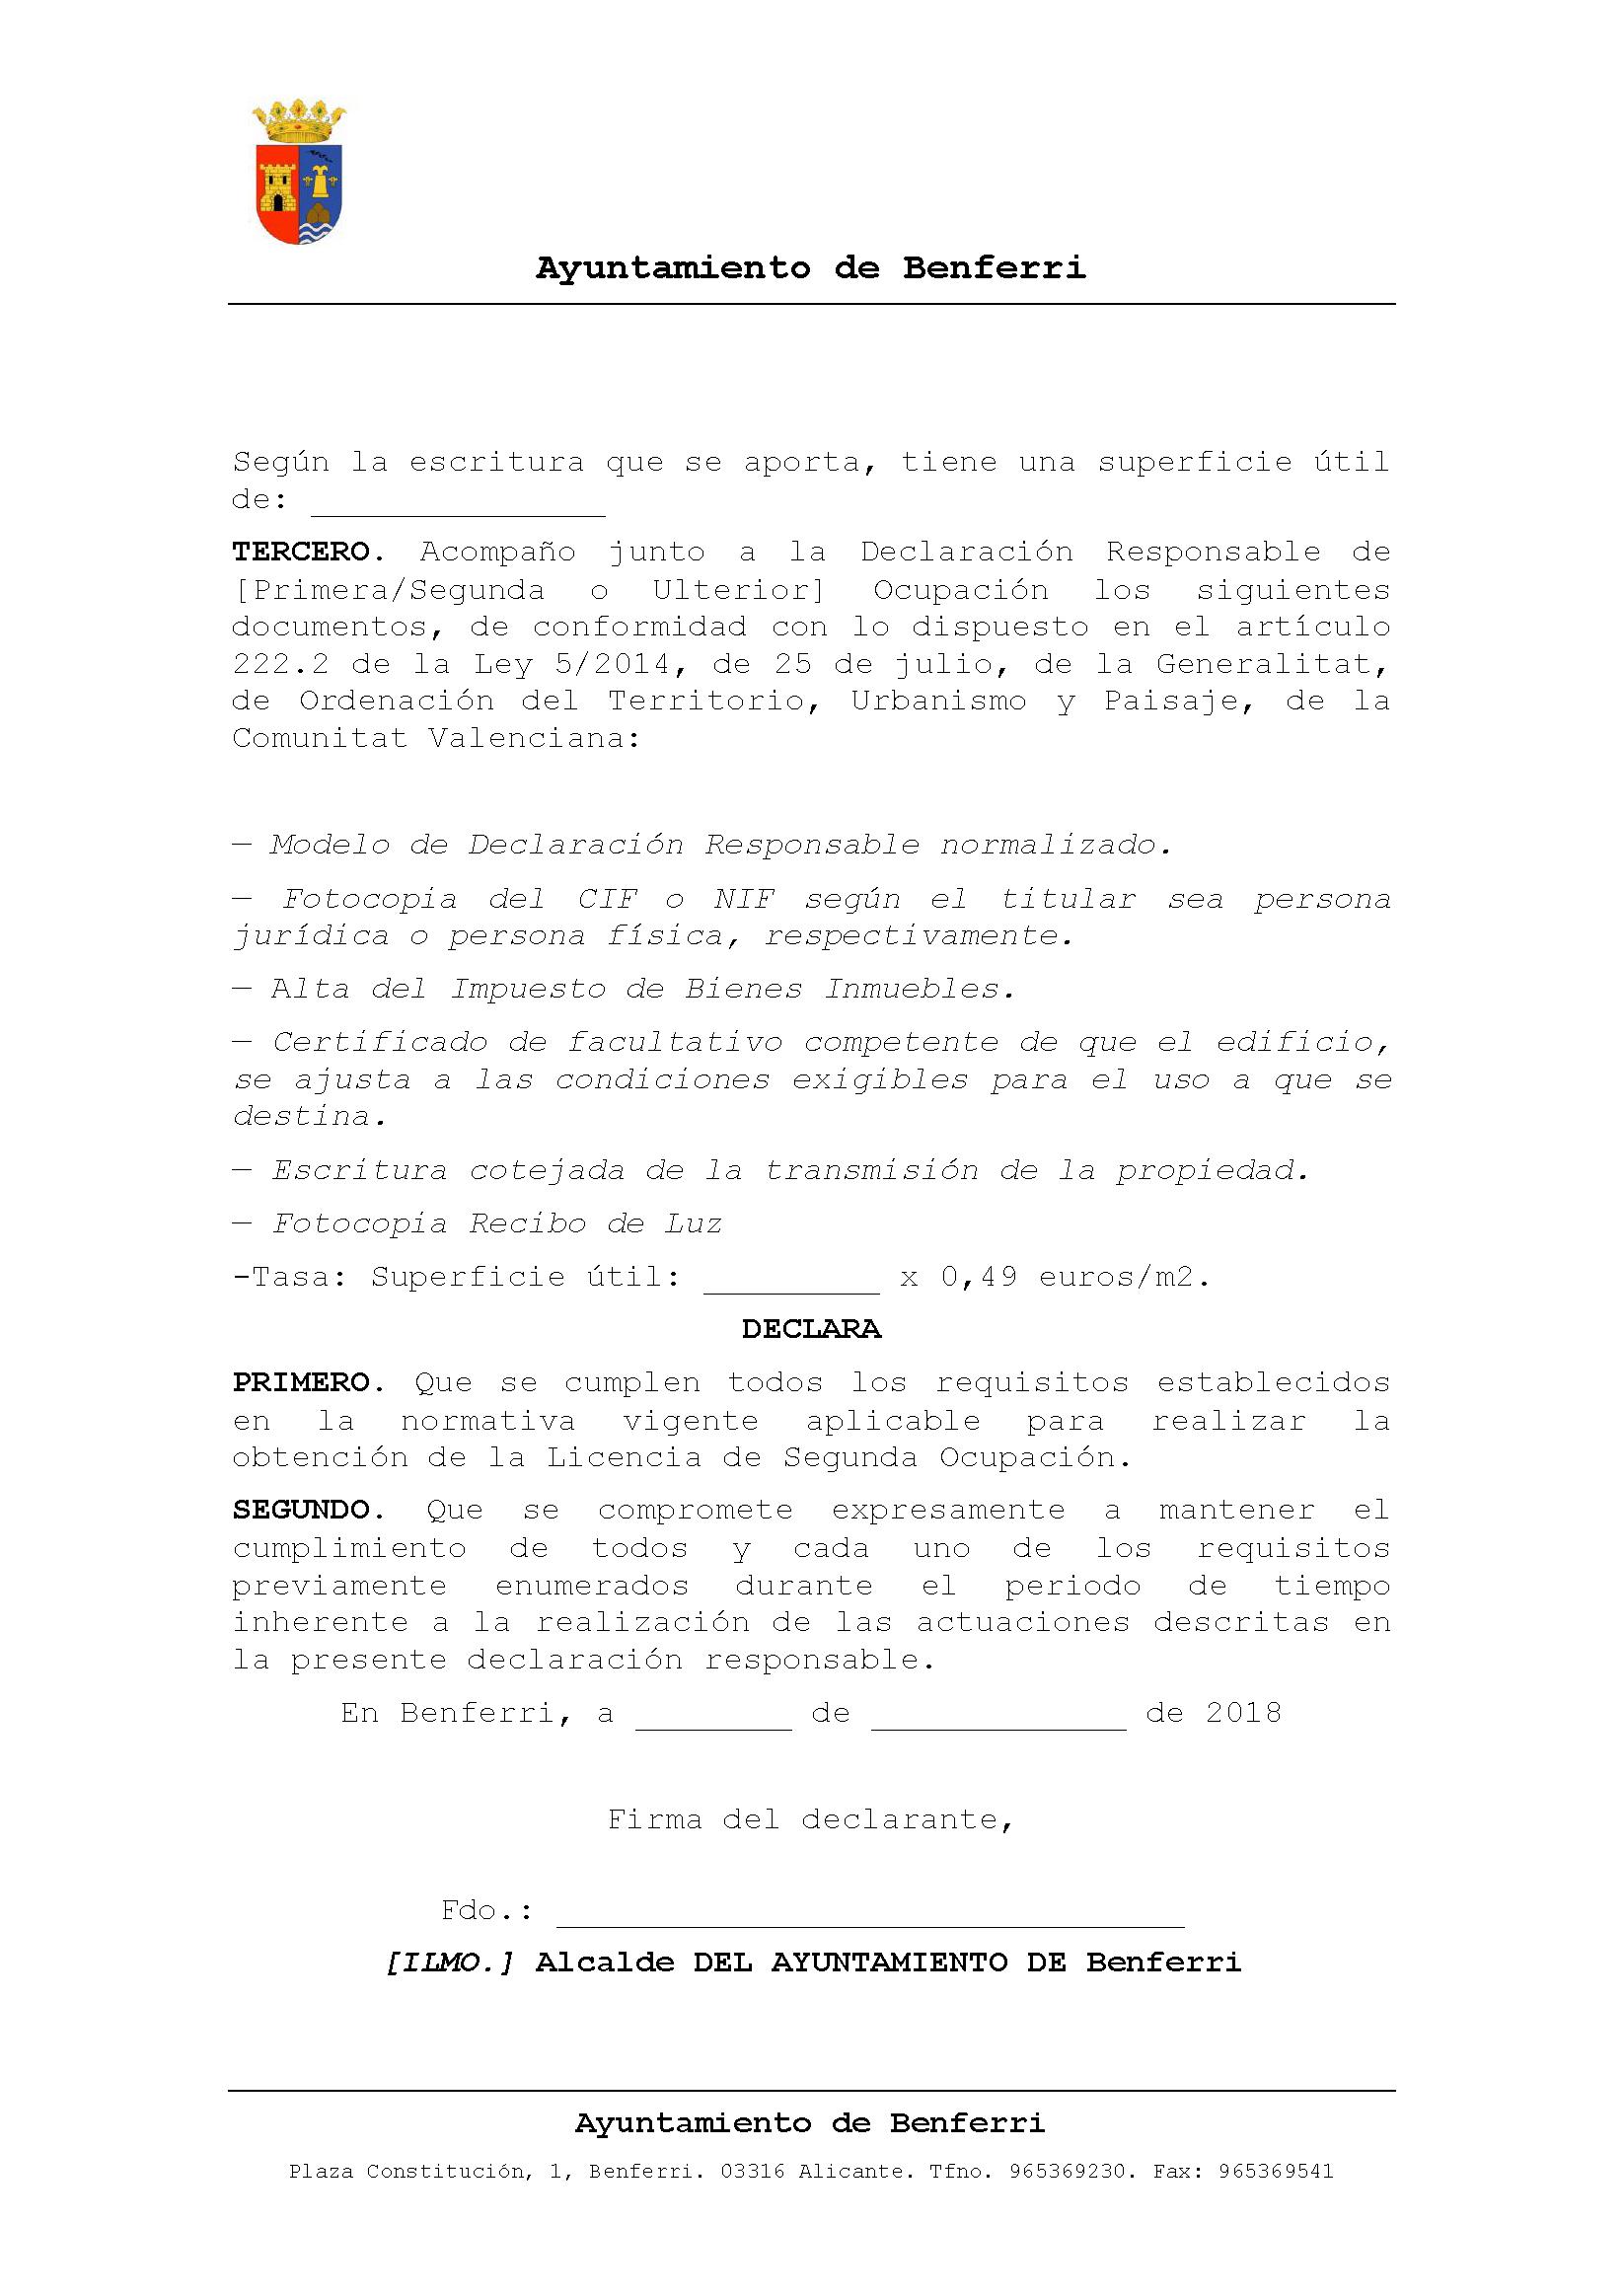 Impreso Declaración Responsable Segunda Ocupación Benferri